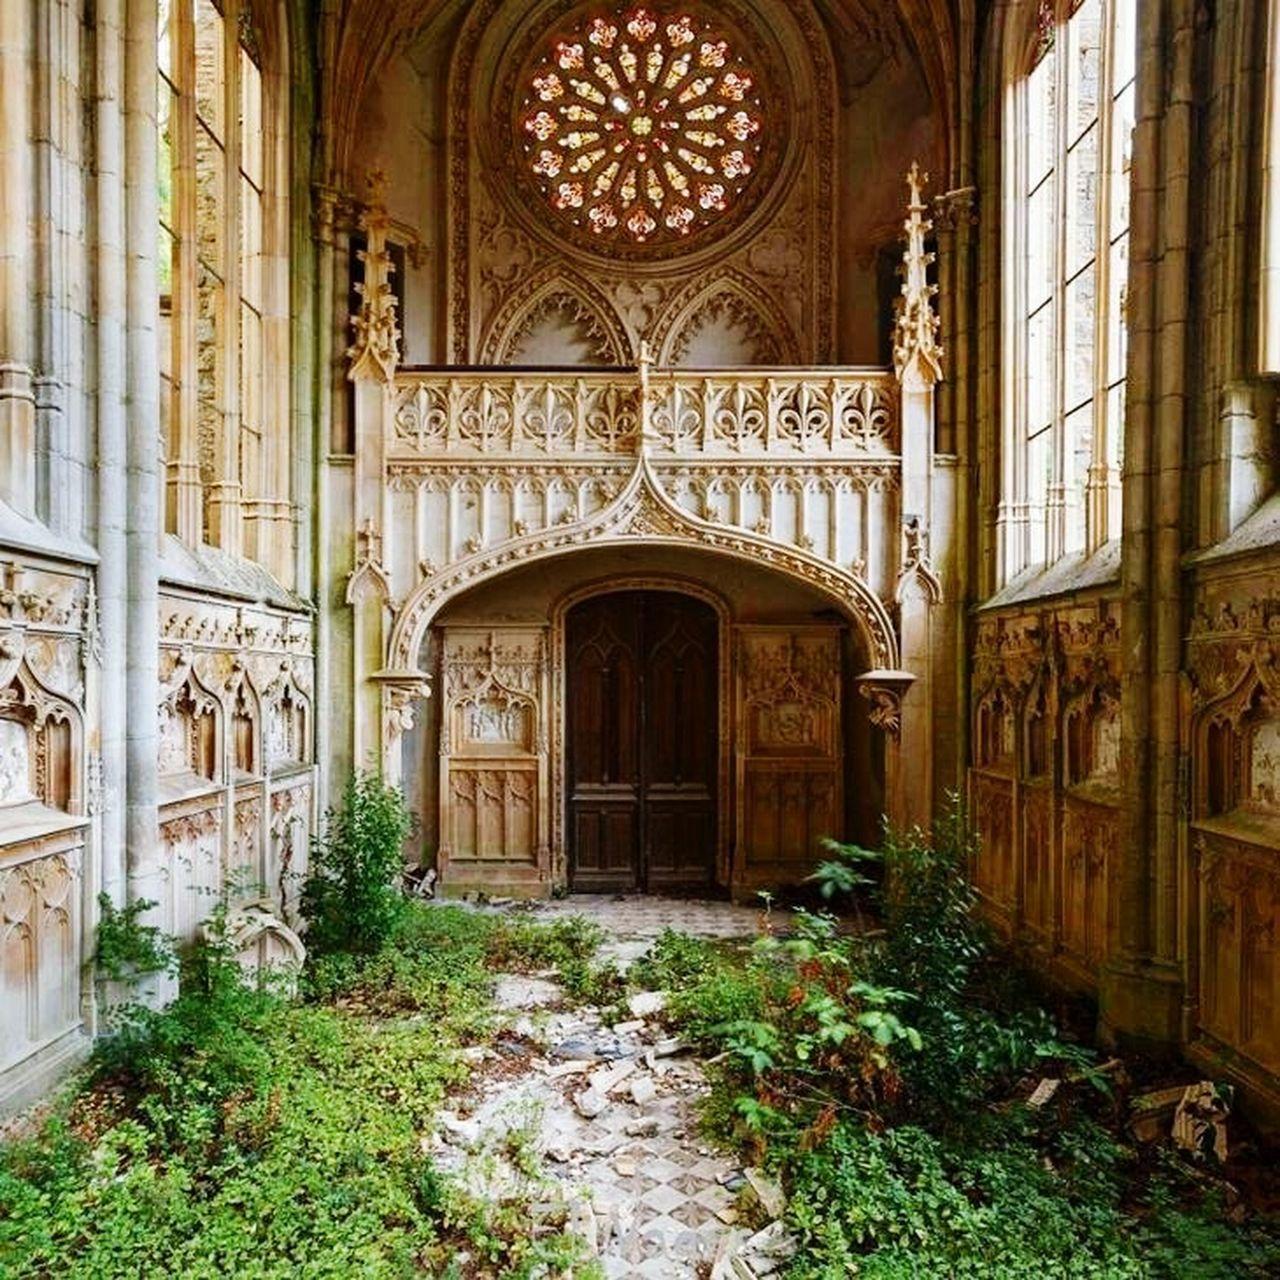 architecture, door, arch, history, built structure, window, doorway, day, no people, indoors